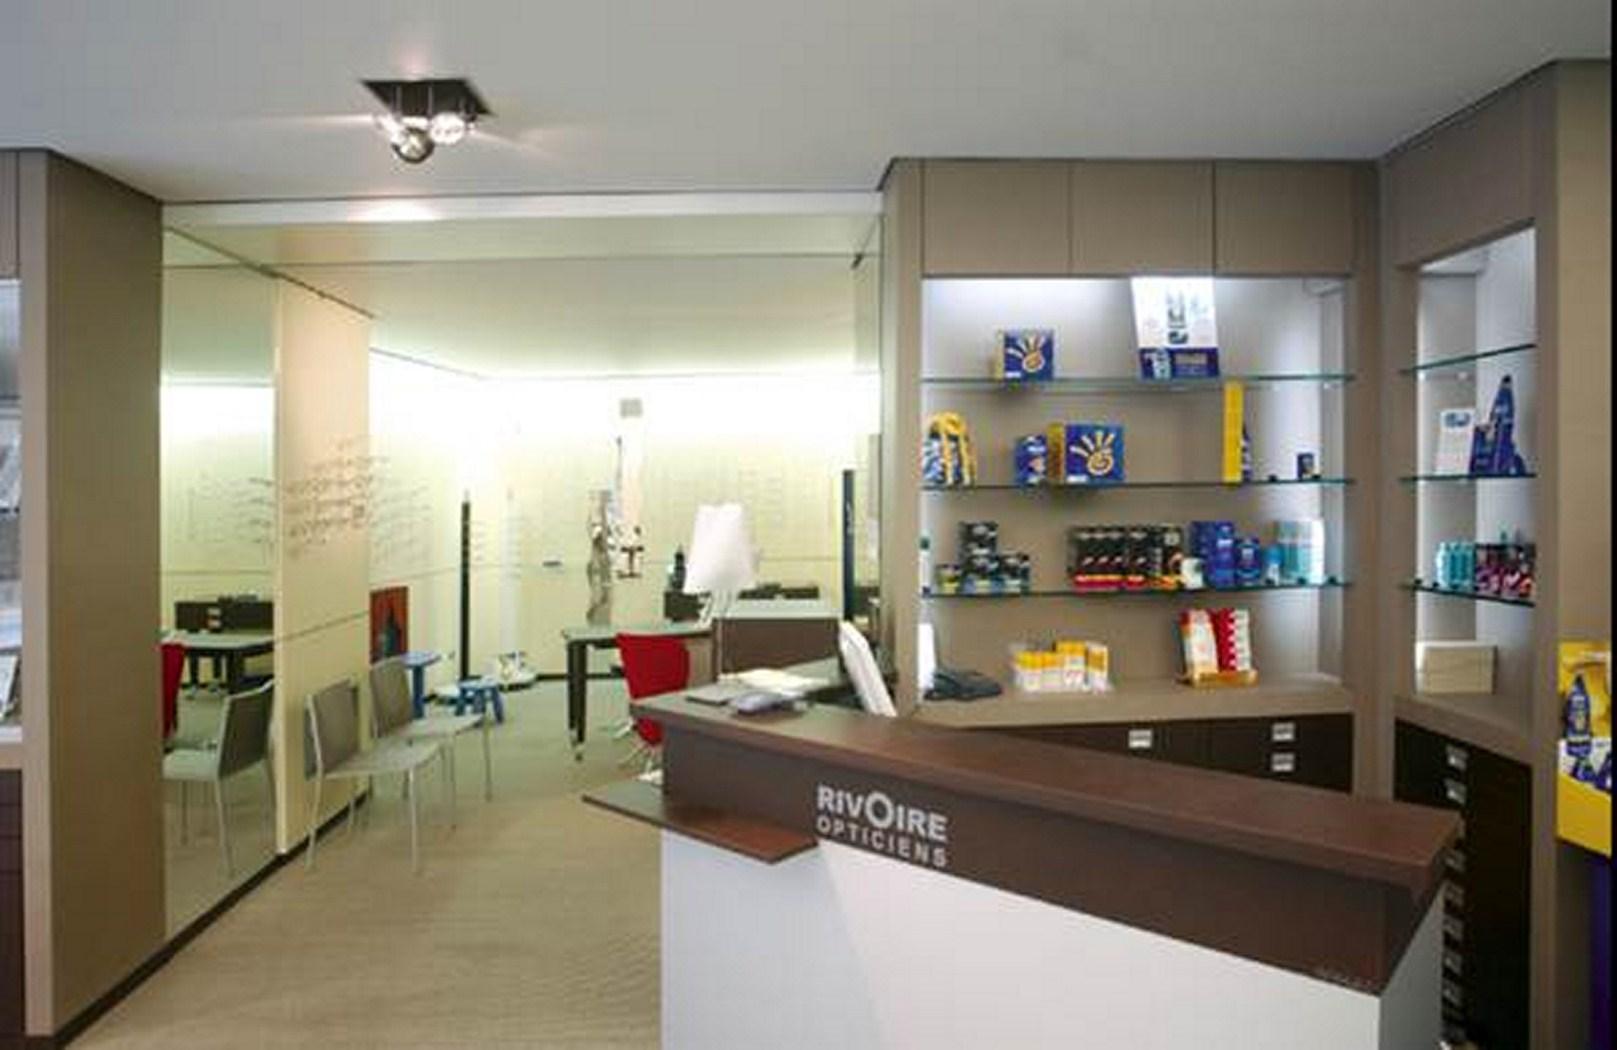 תקרות במשרדים וחנויות - תקרות מיזוג תרמו-דינאמי ClimaClick